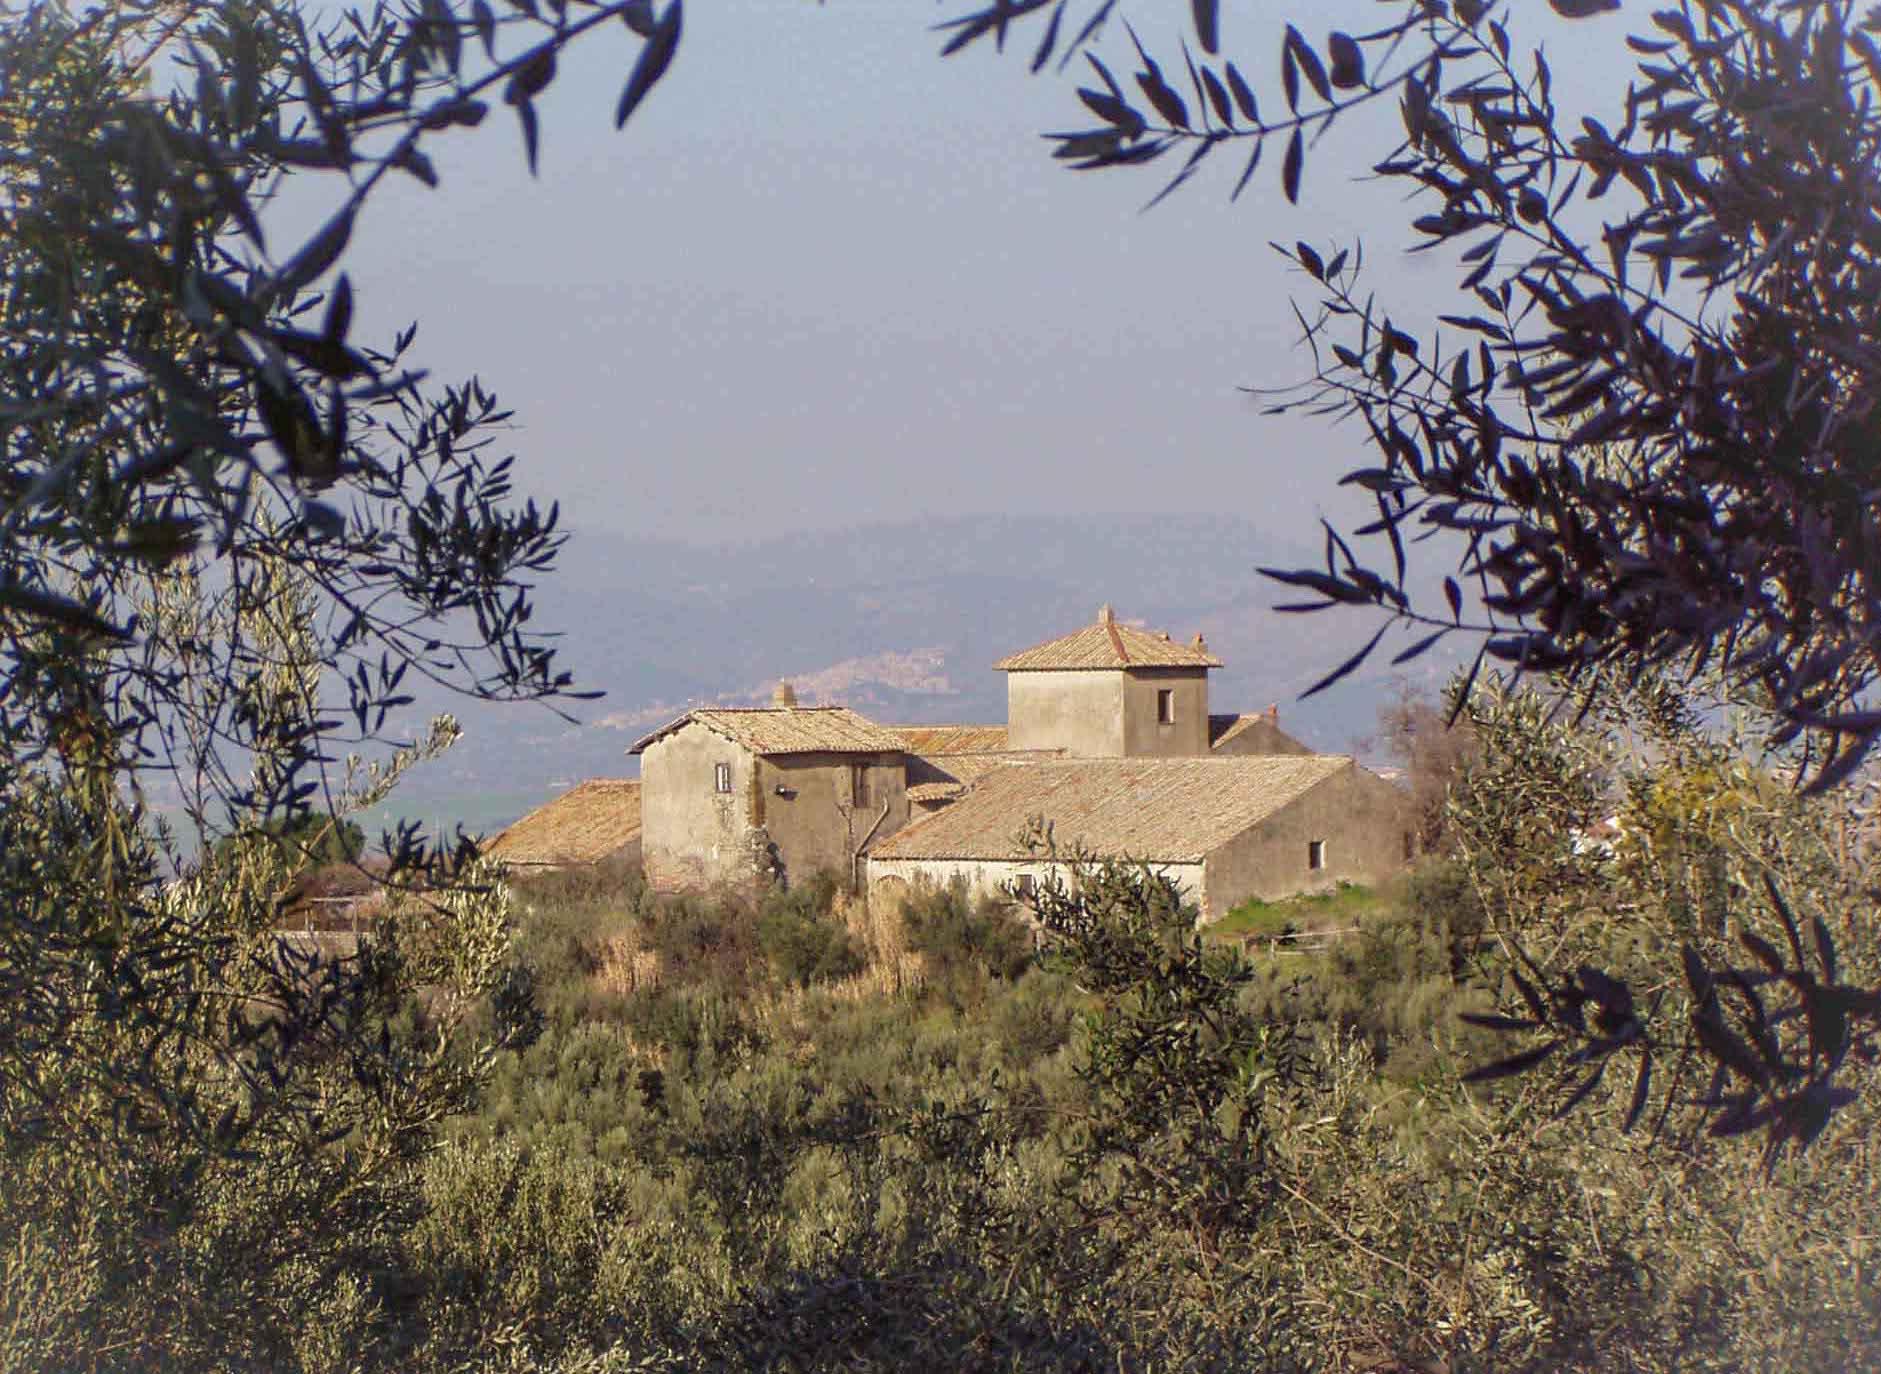 Casale Senni view